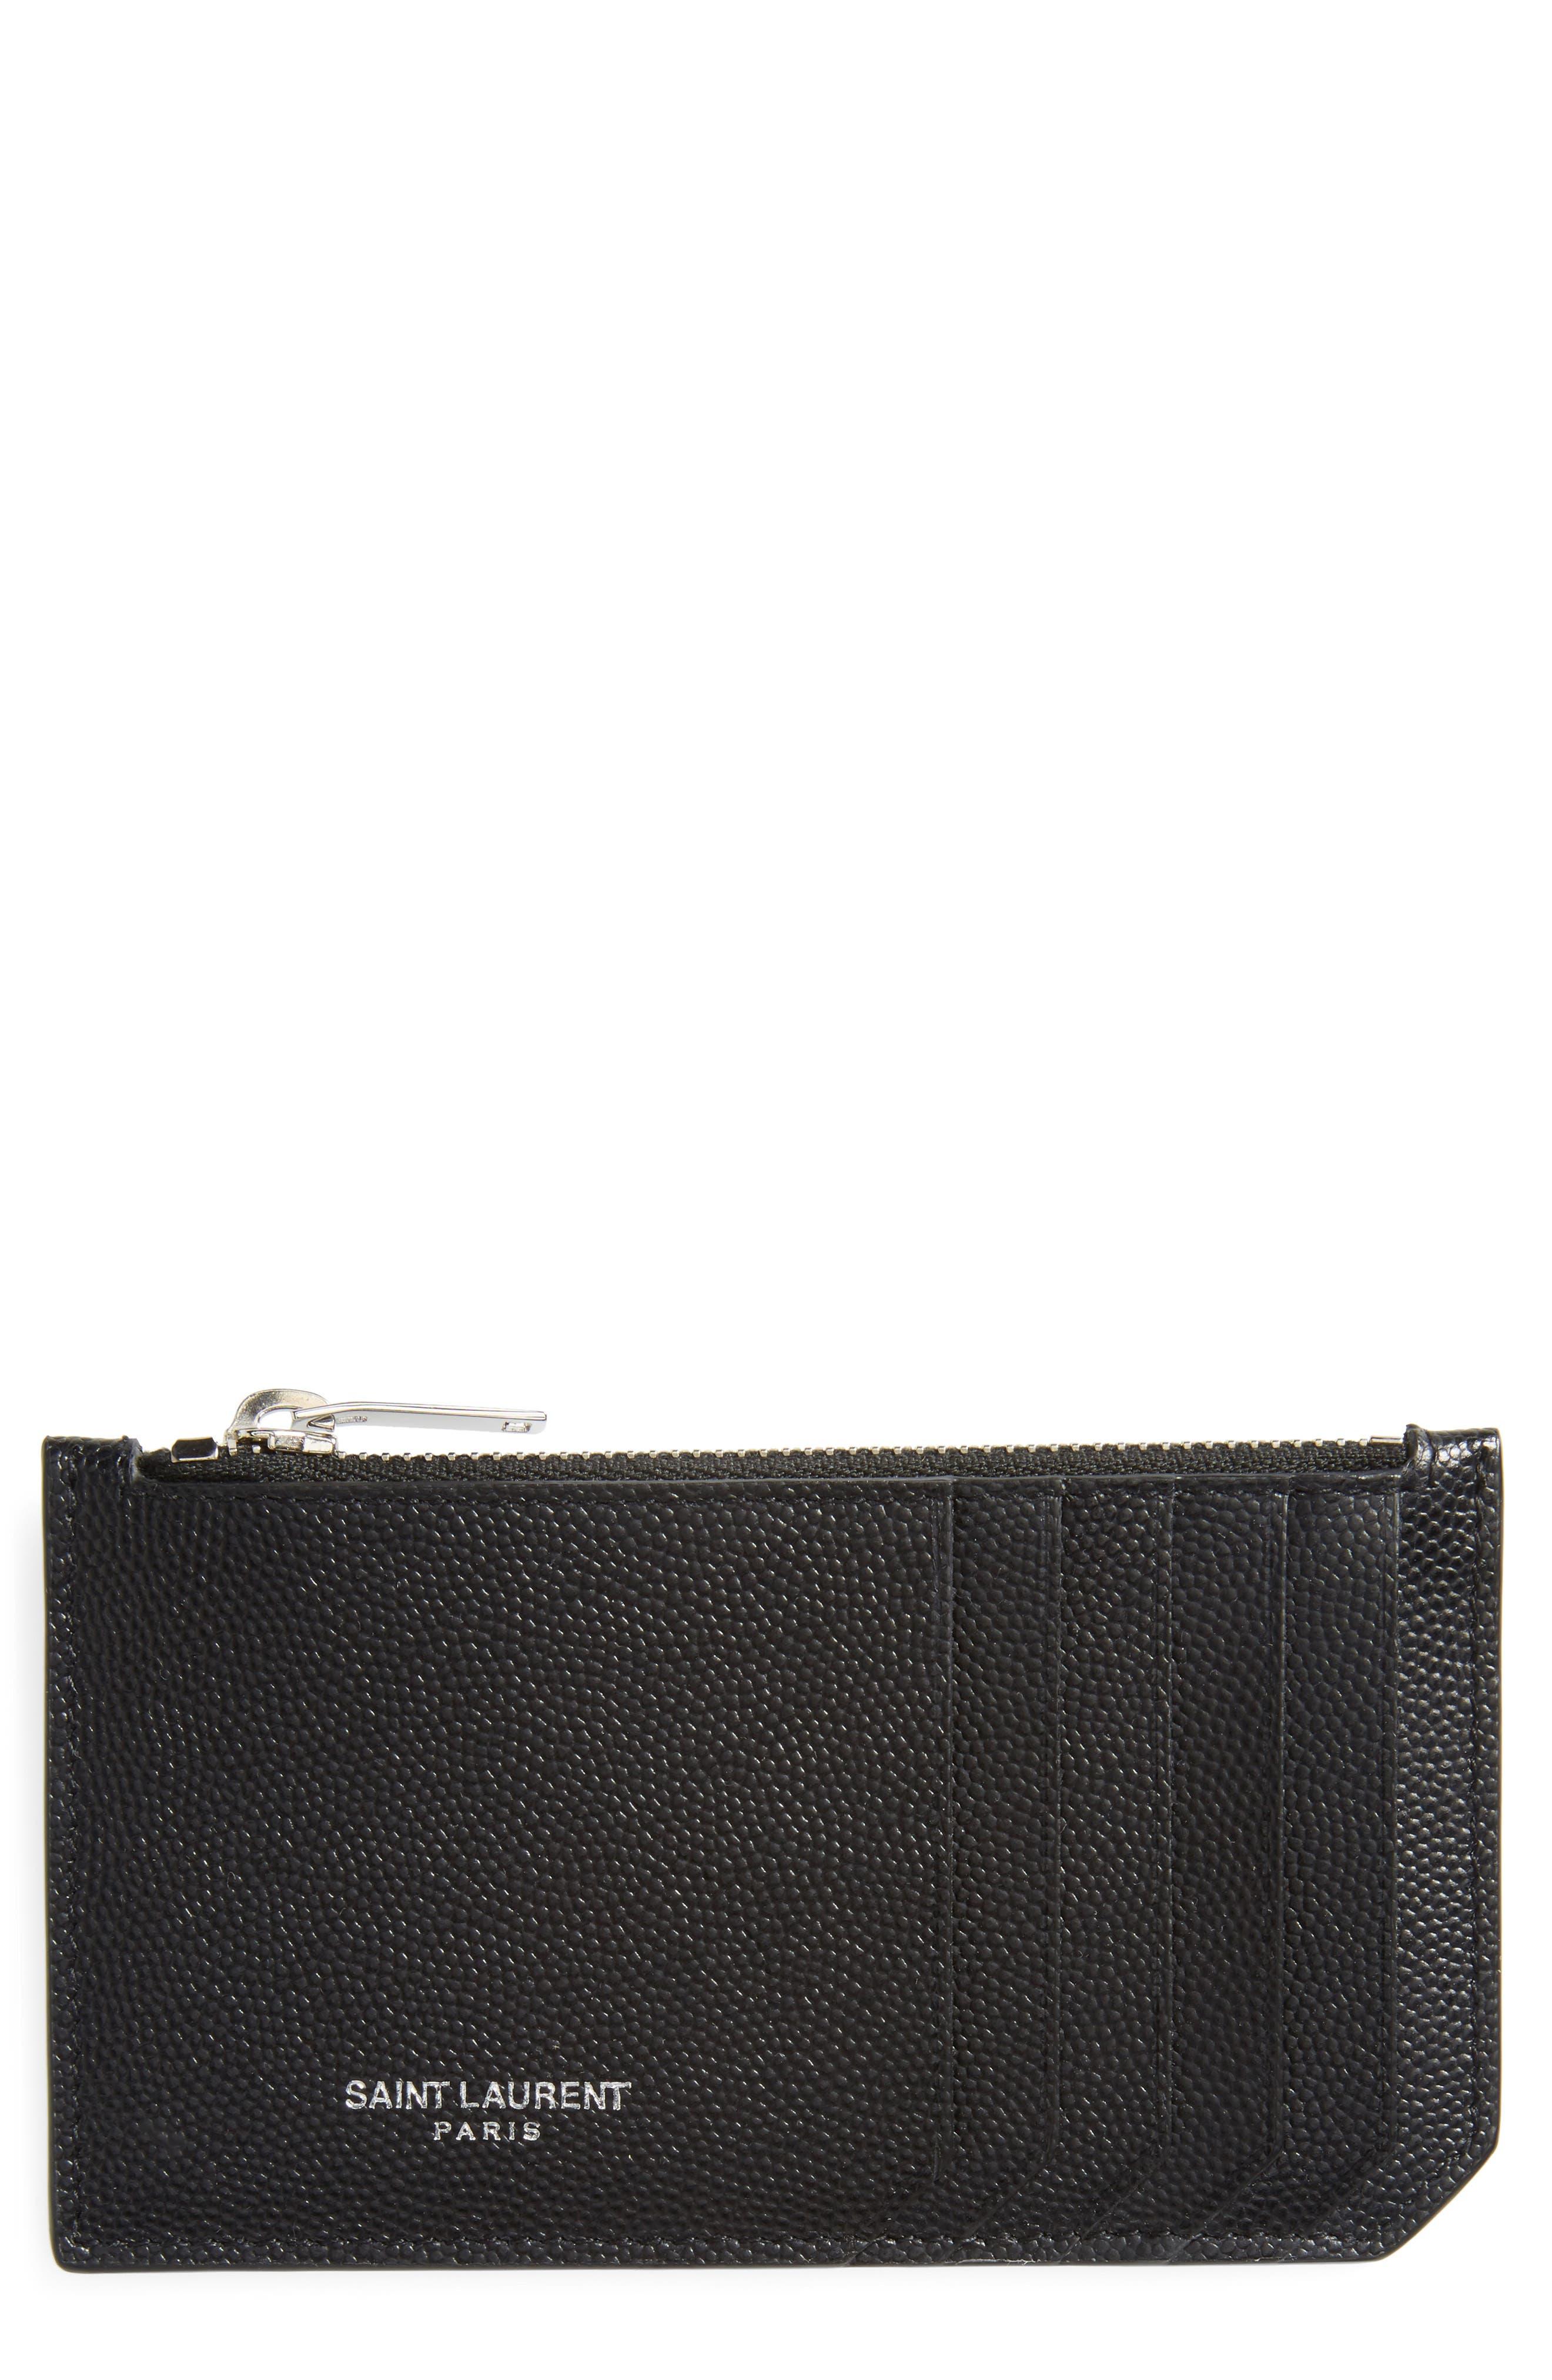 SAINT LAURENT, Pebble Grain Leather Zip Wallet, Main thumbnail 1, color, NERO